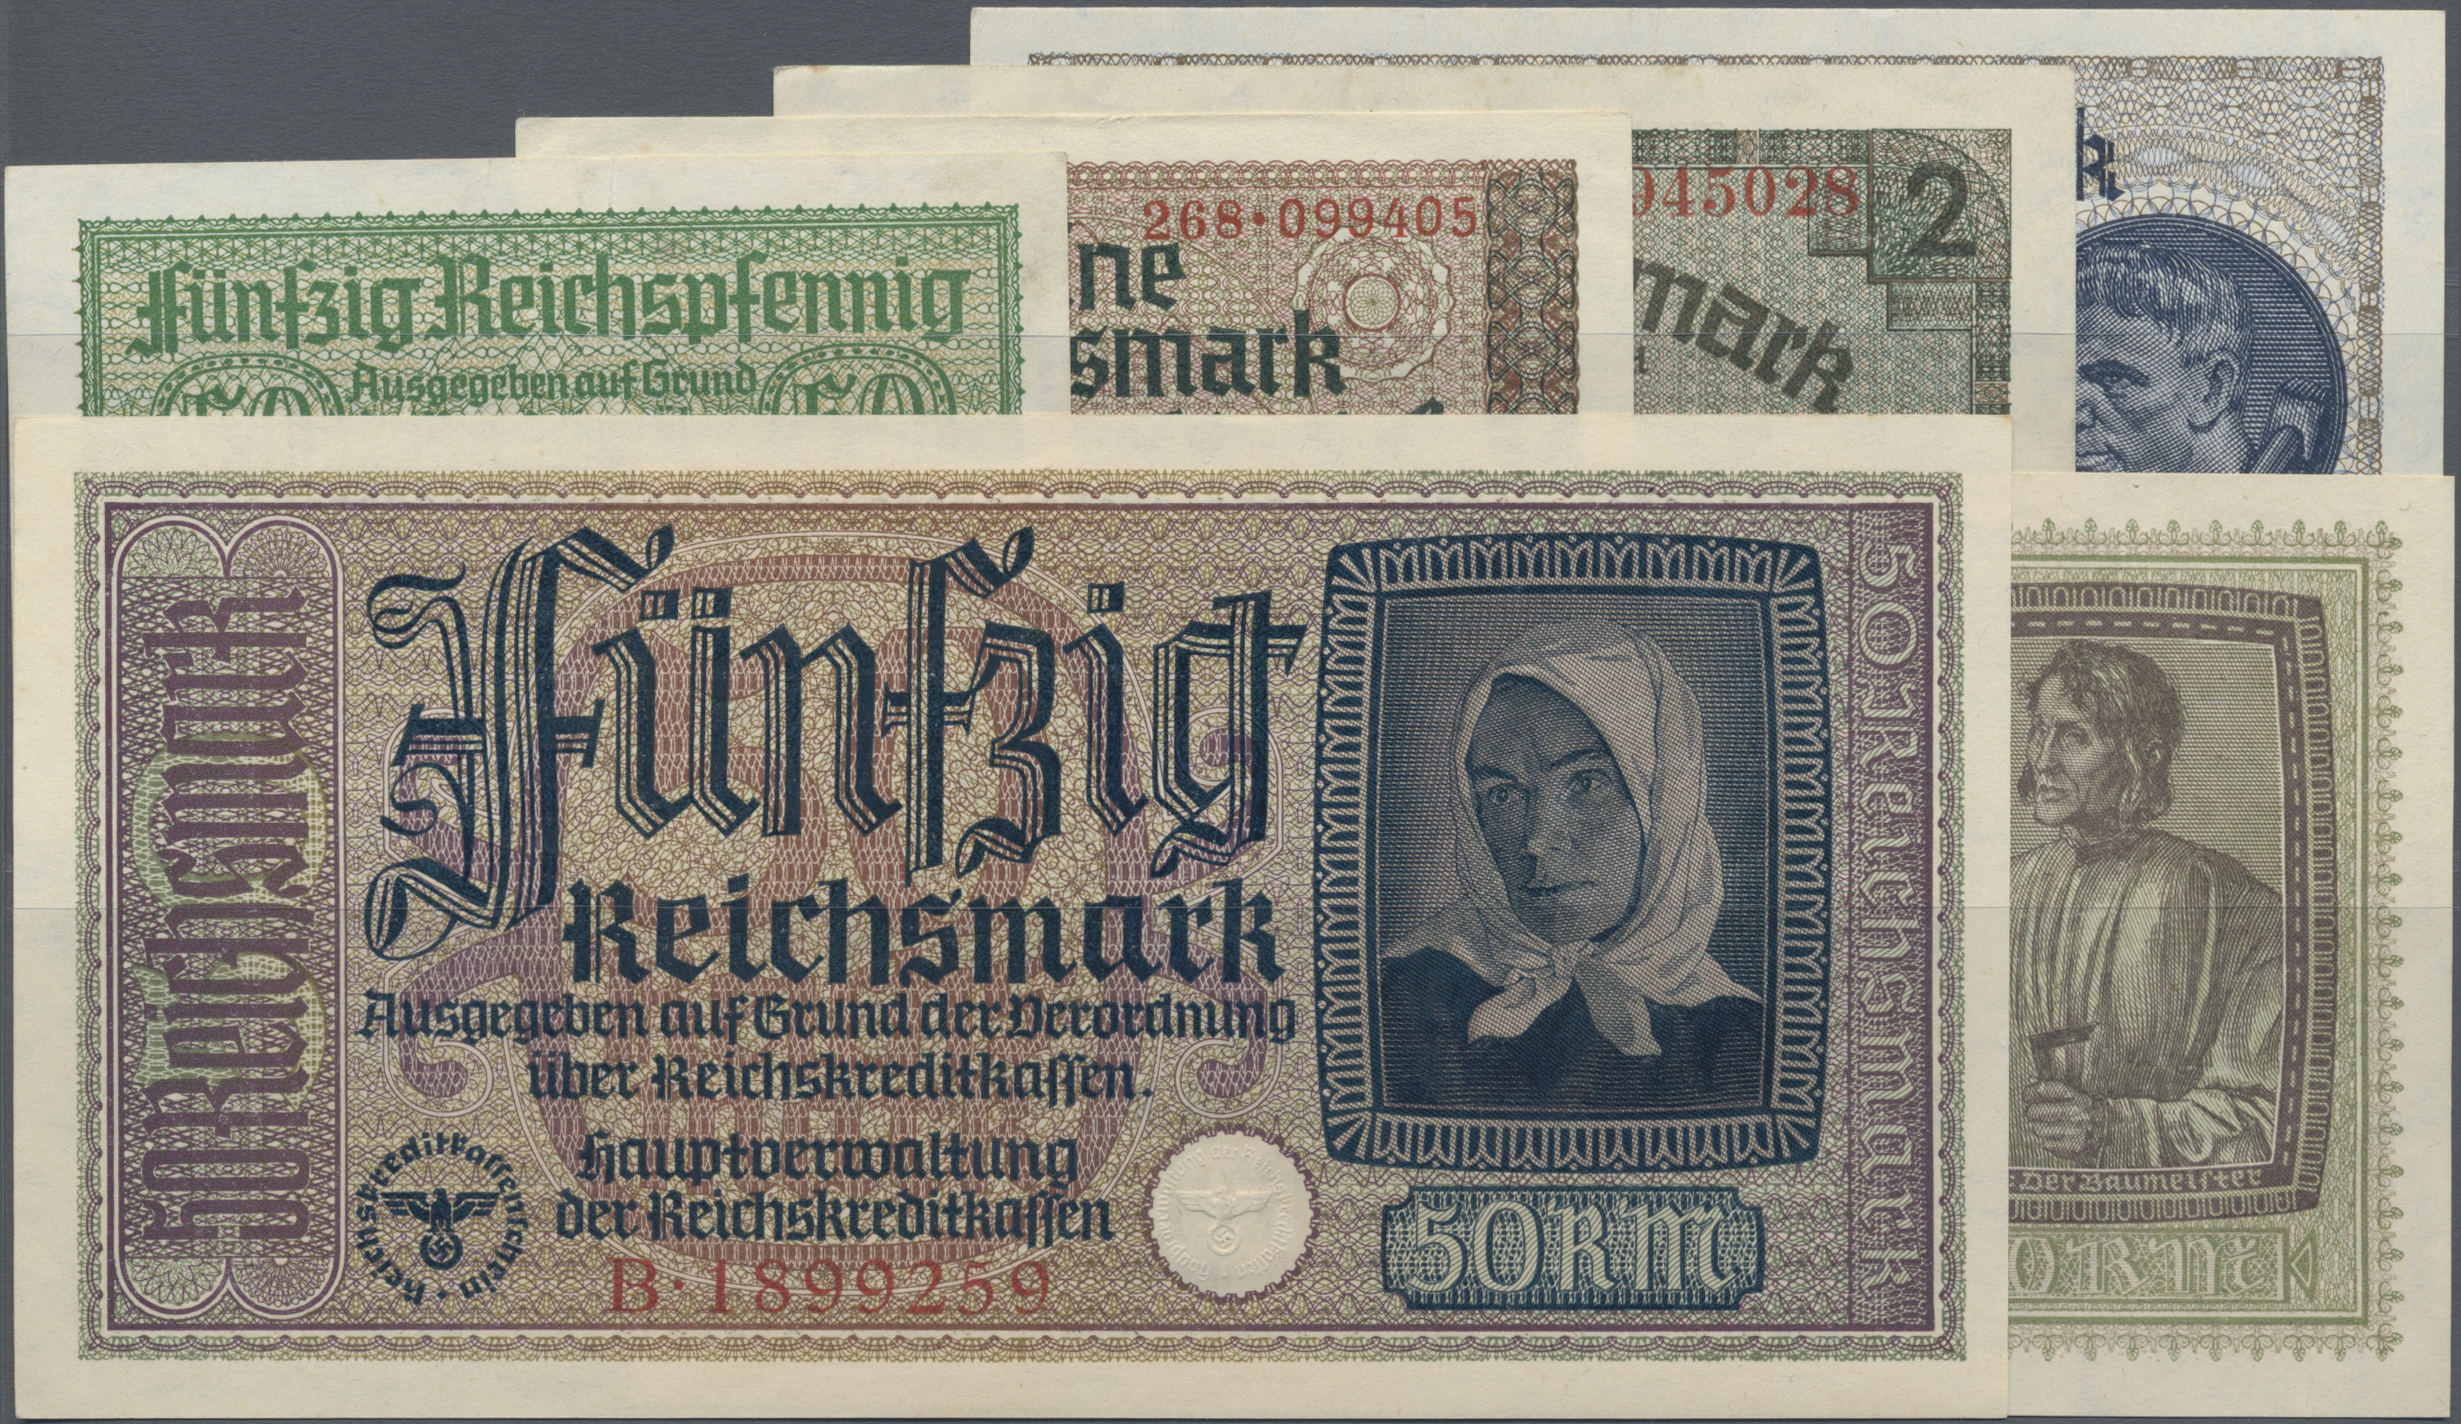 Lot 03475 - Deutschland - Nebengebiete Deutsches Reich | Banknoten  -  Auktionshaus Christoph Gärtner GmbH & Co. KG Sale #45 Banknotes Germany/Numismatics